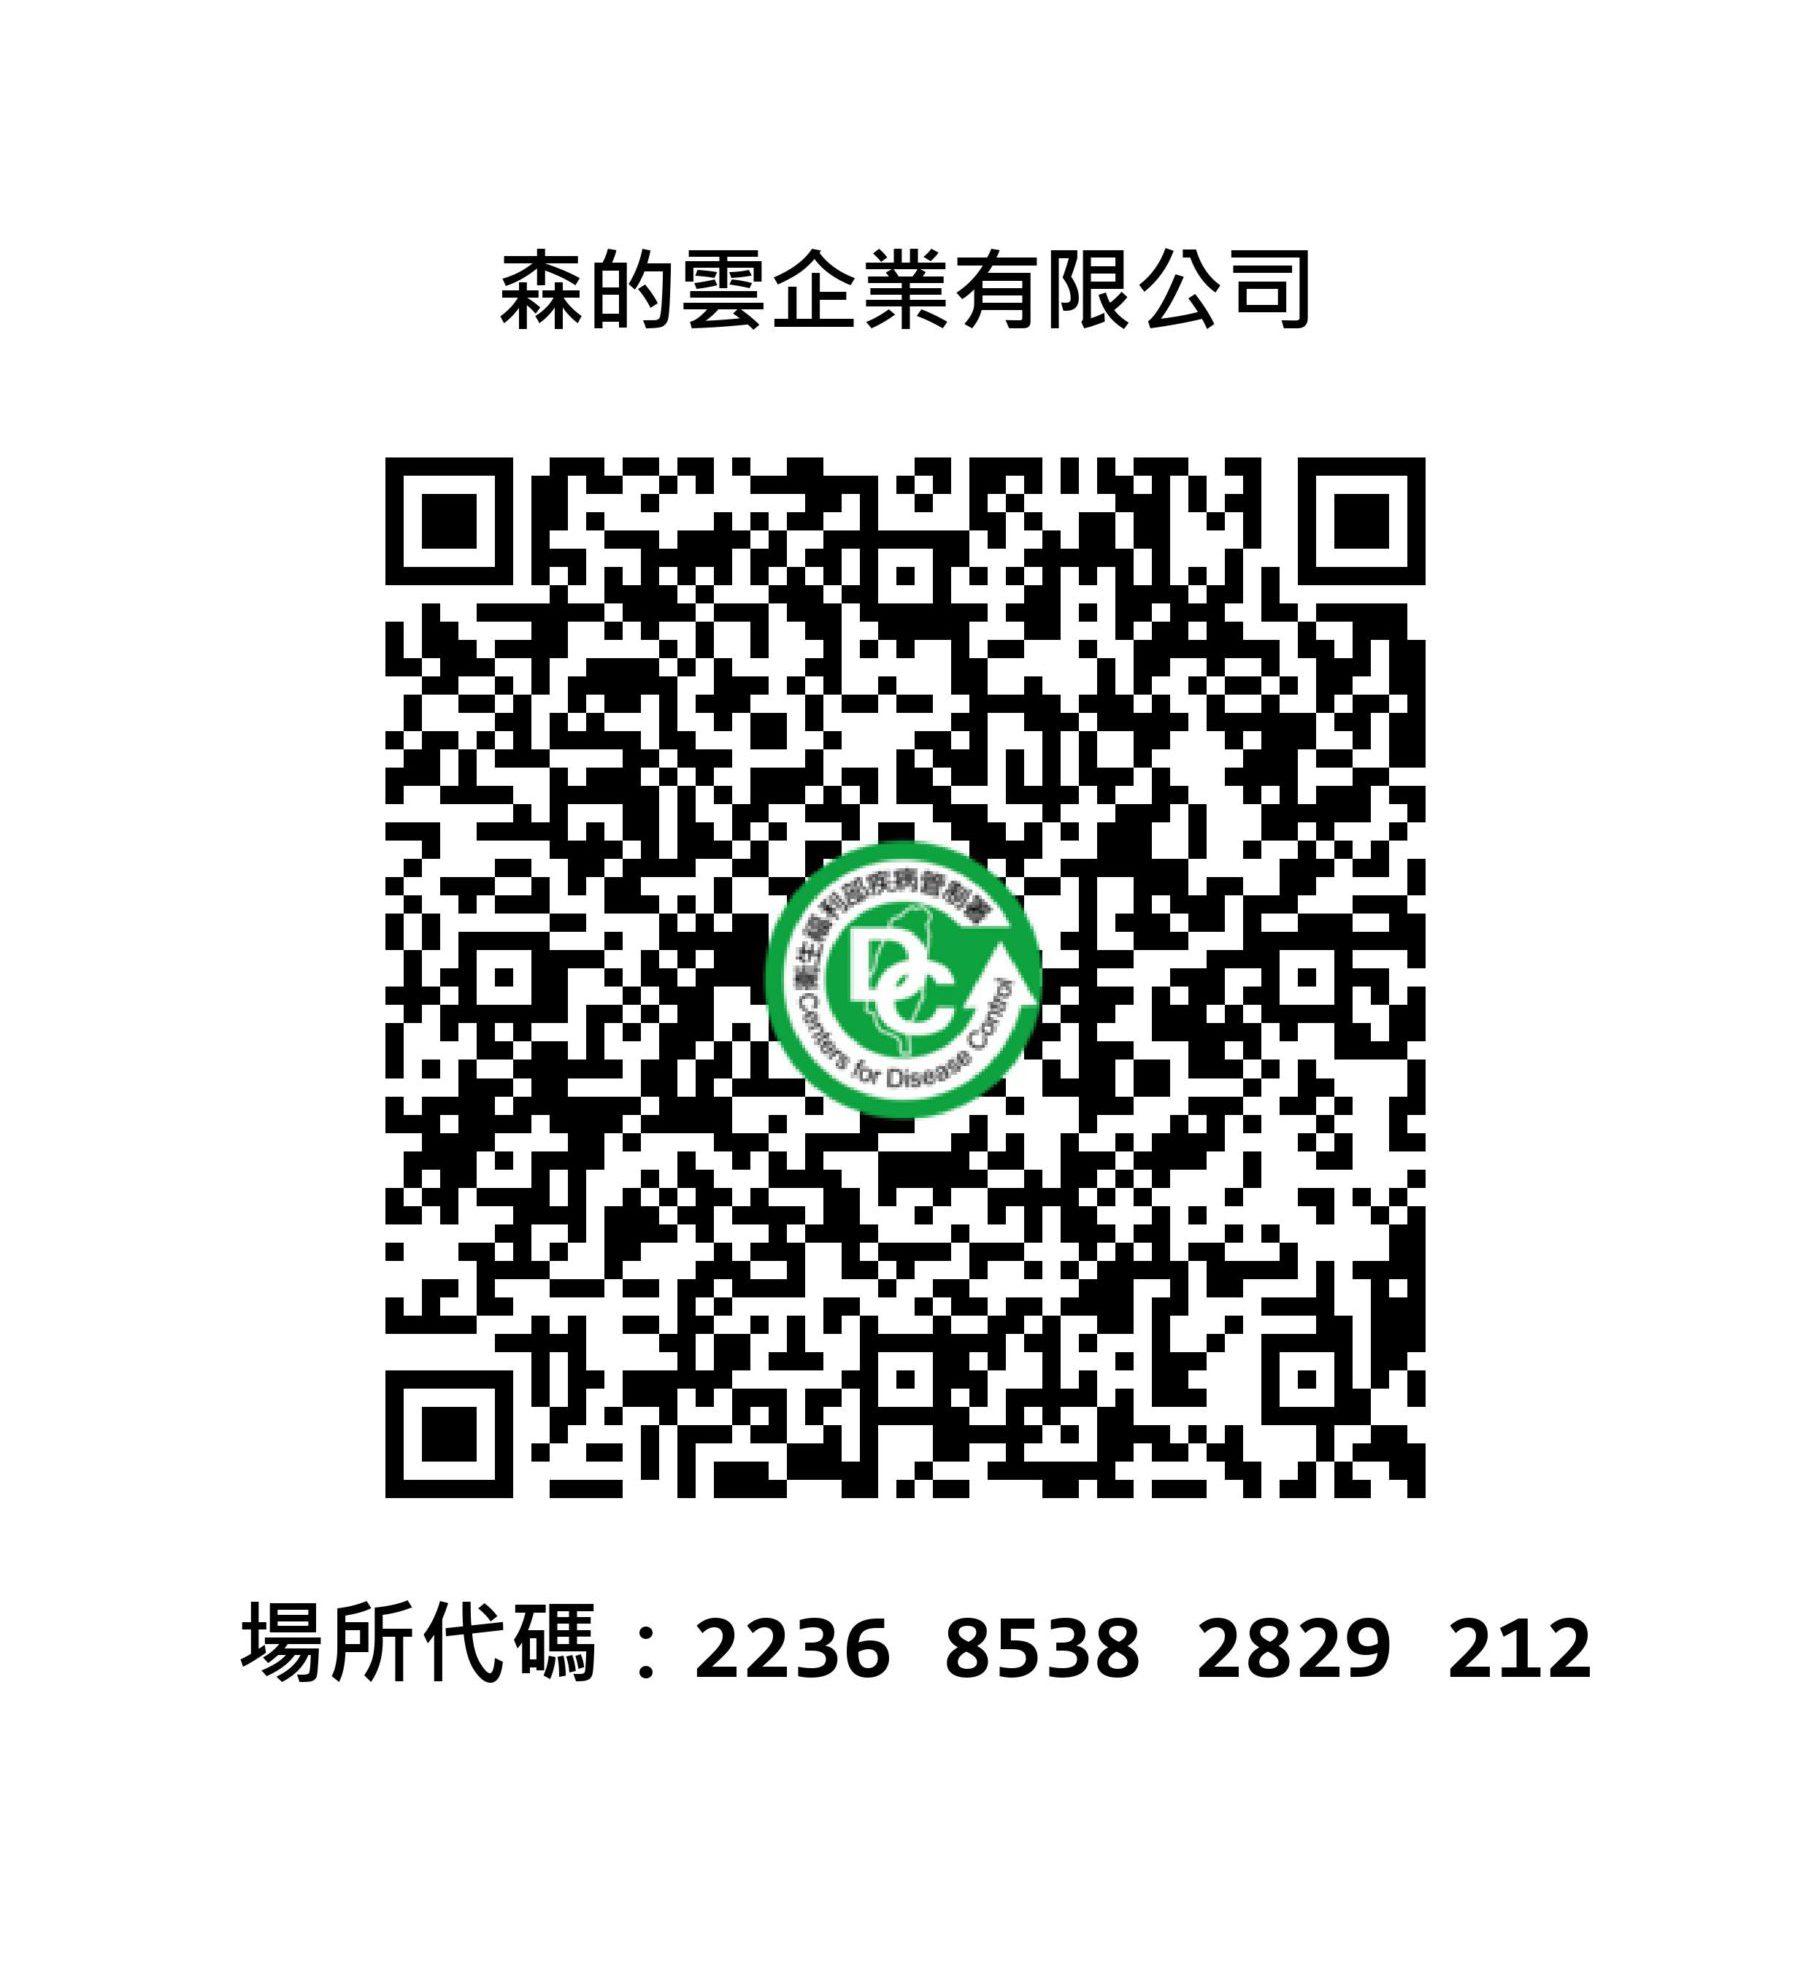 簡訊實聯制-店家申請免設備  QRCode程序教學篇